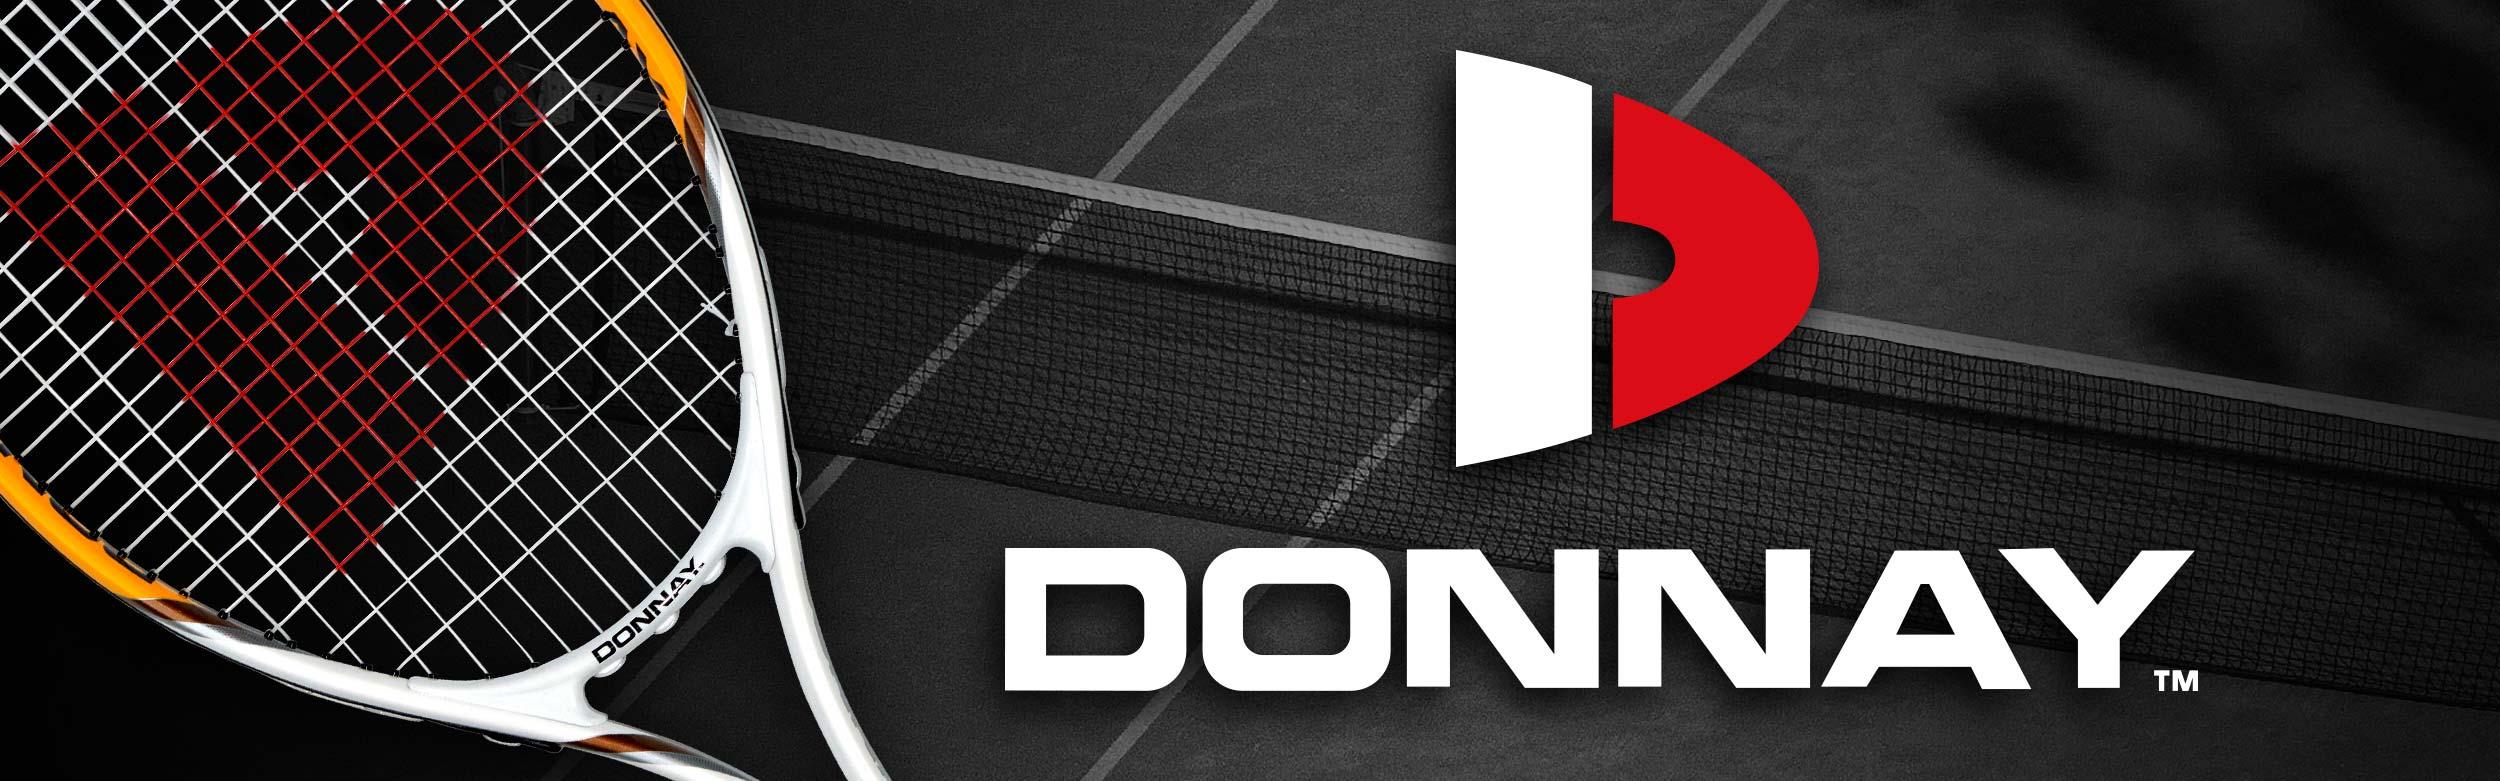 Donnay Tennis